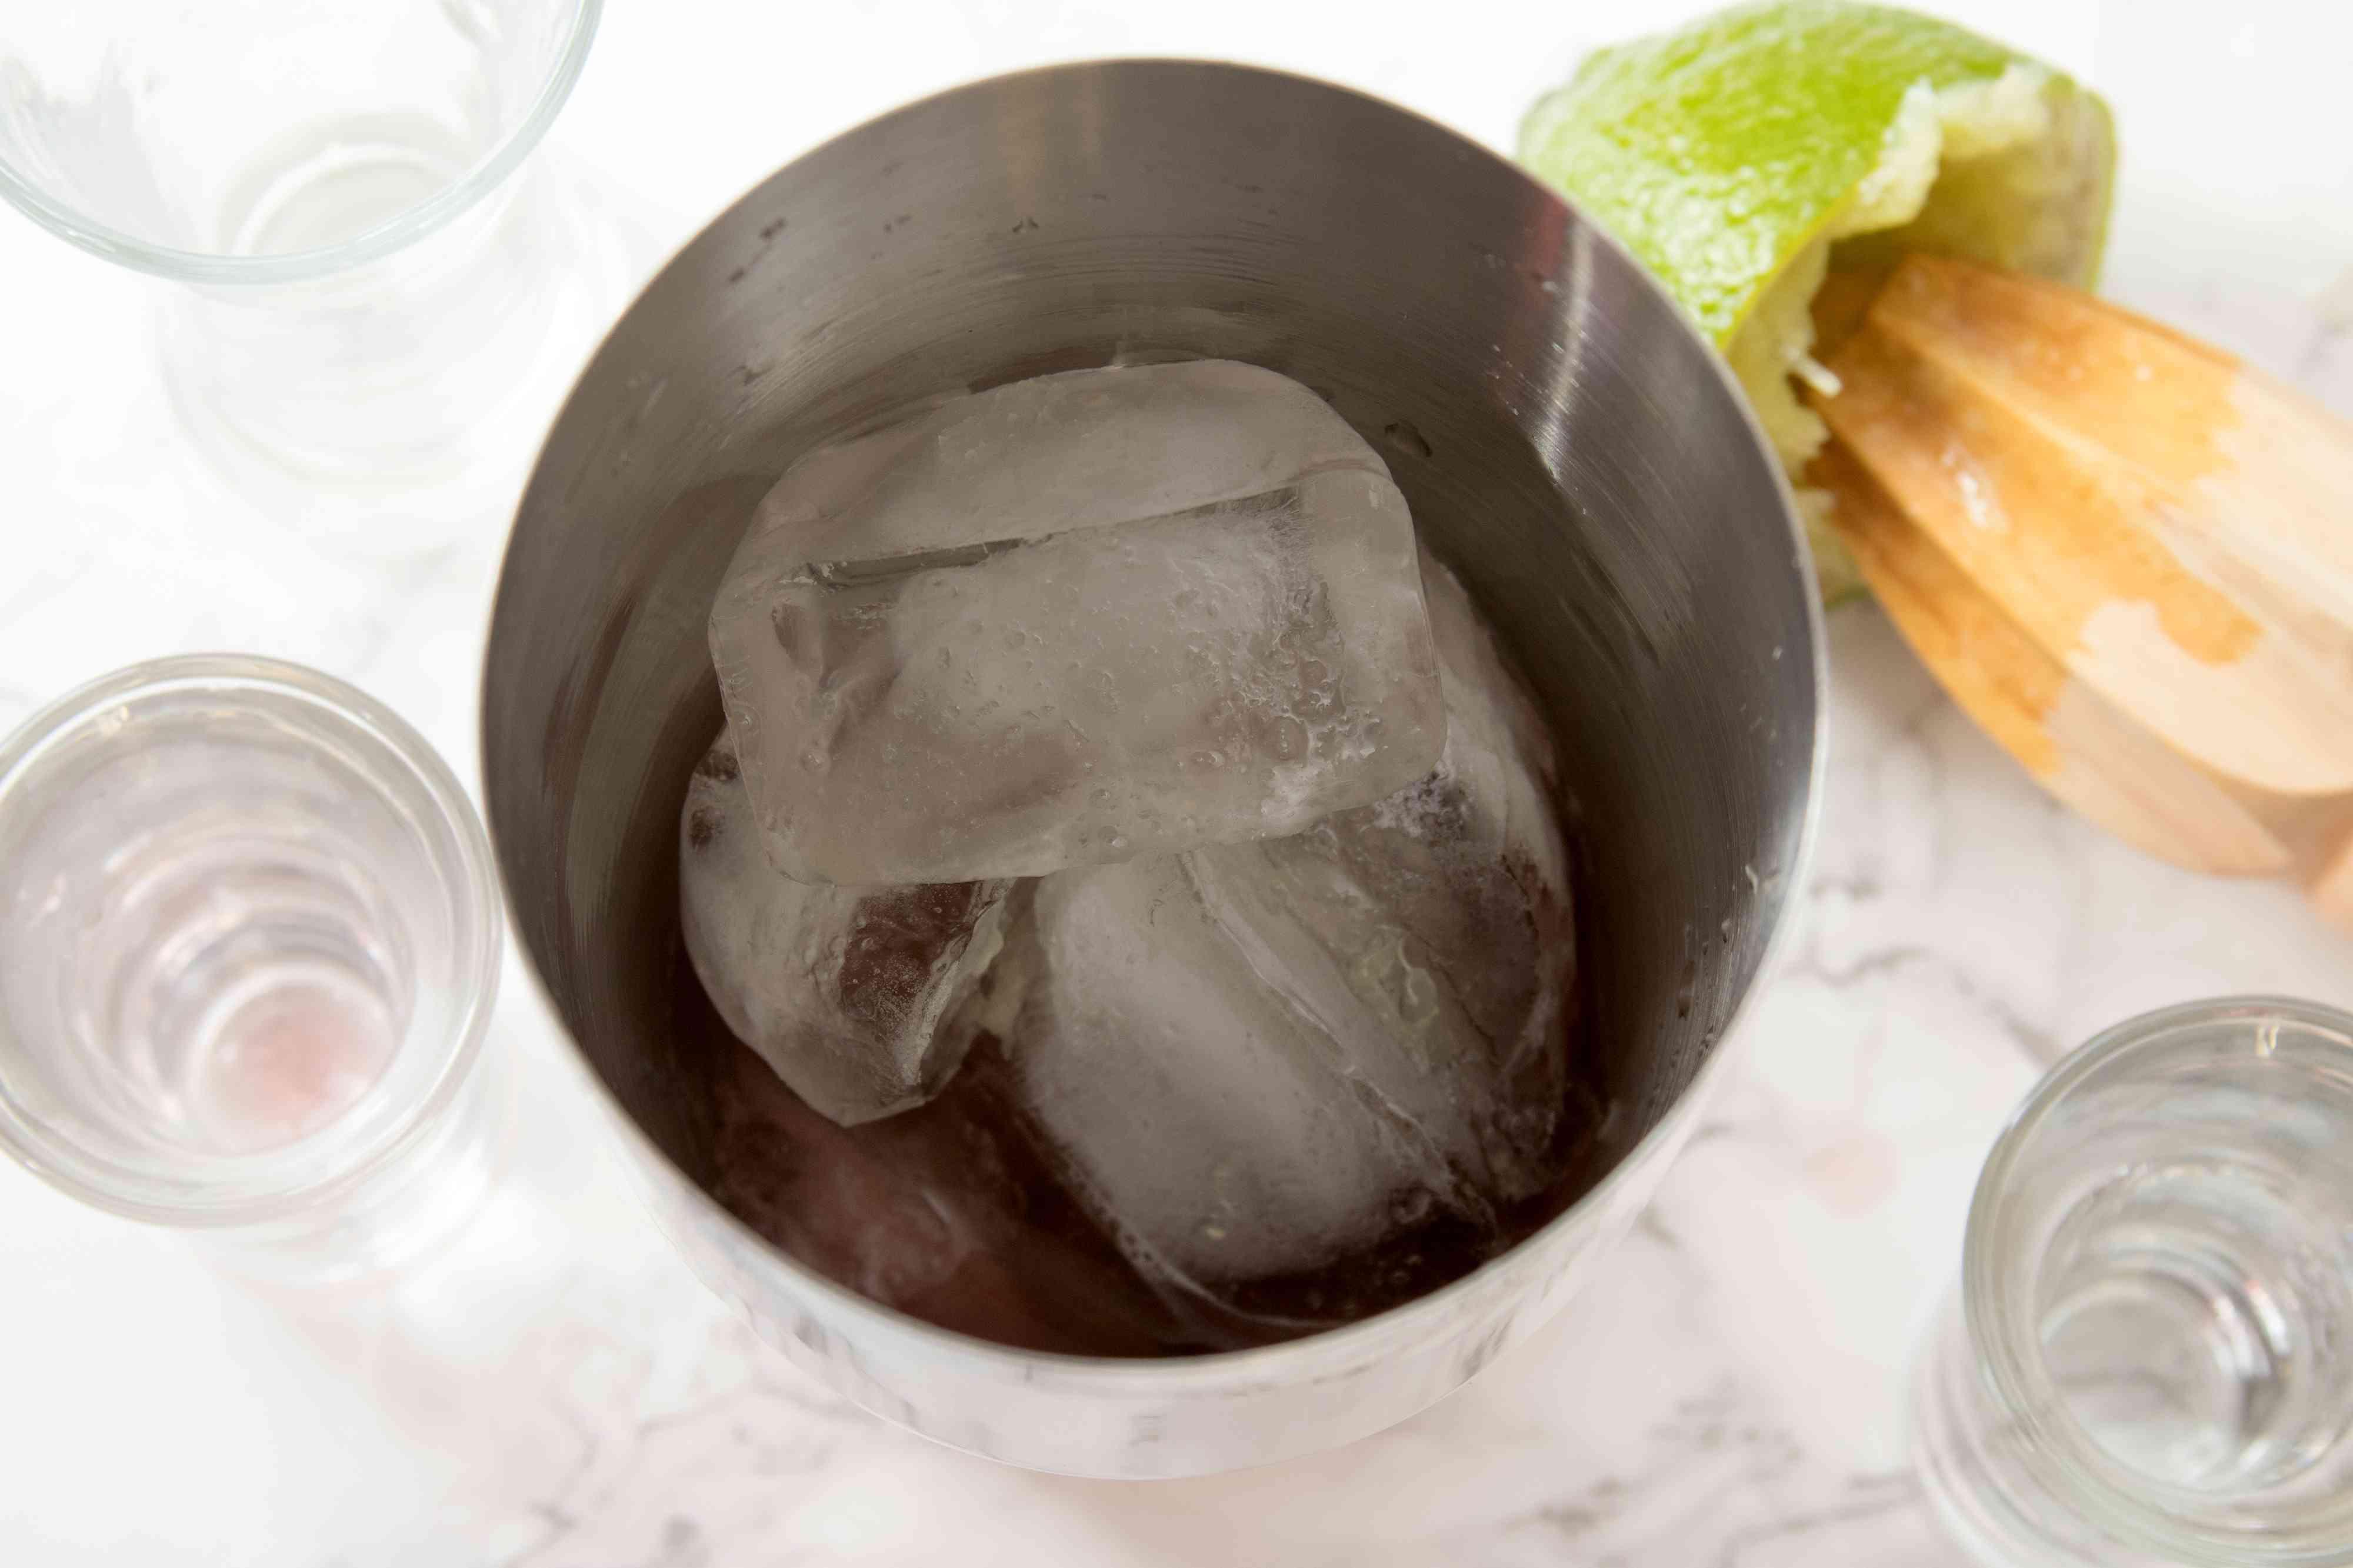 Mixing a Cranberry Margarita